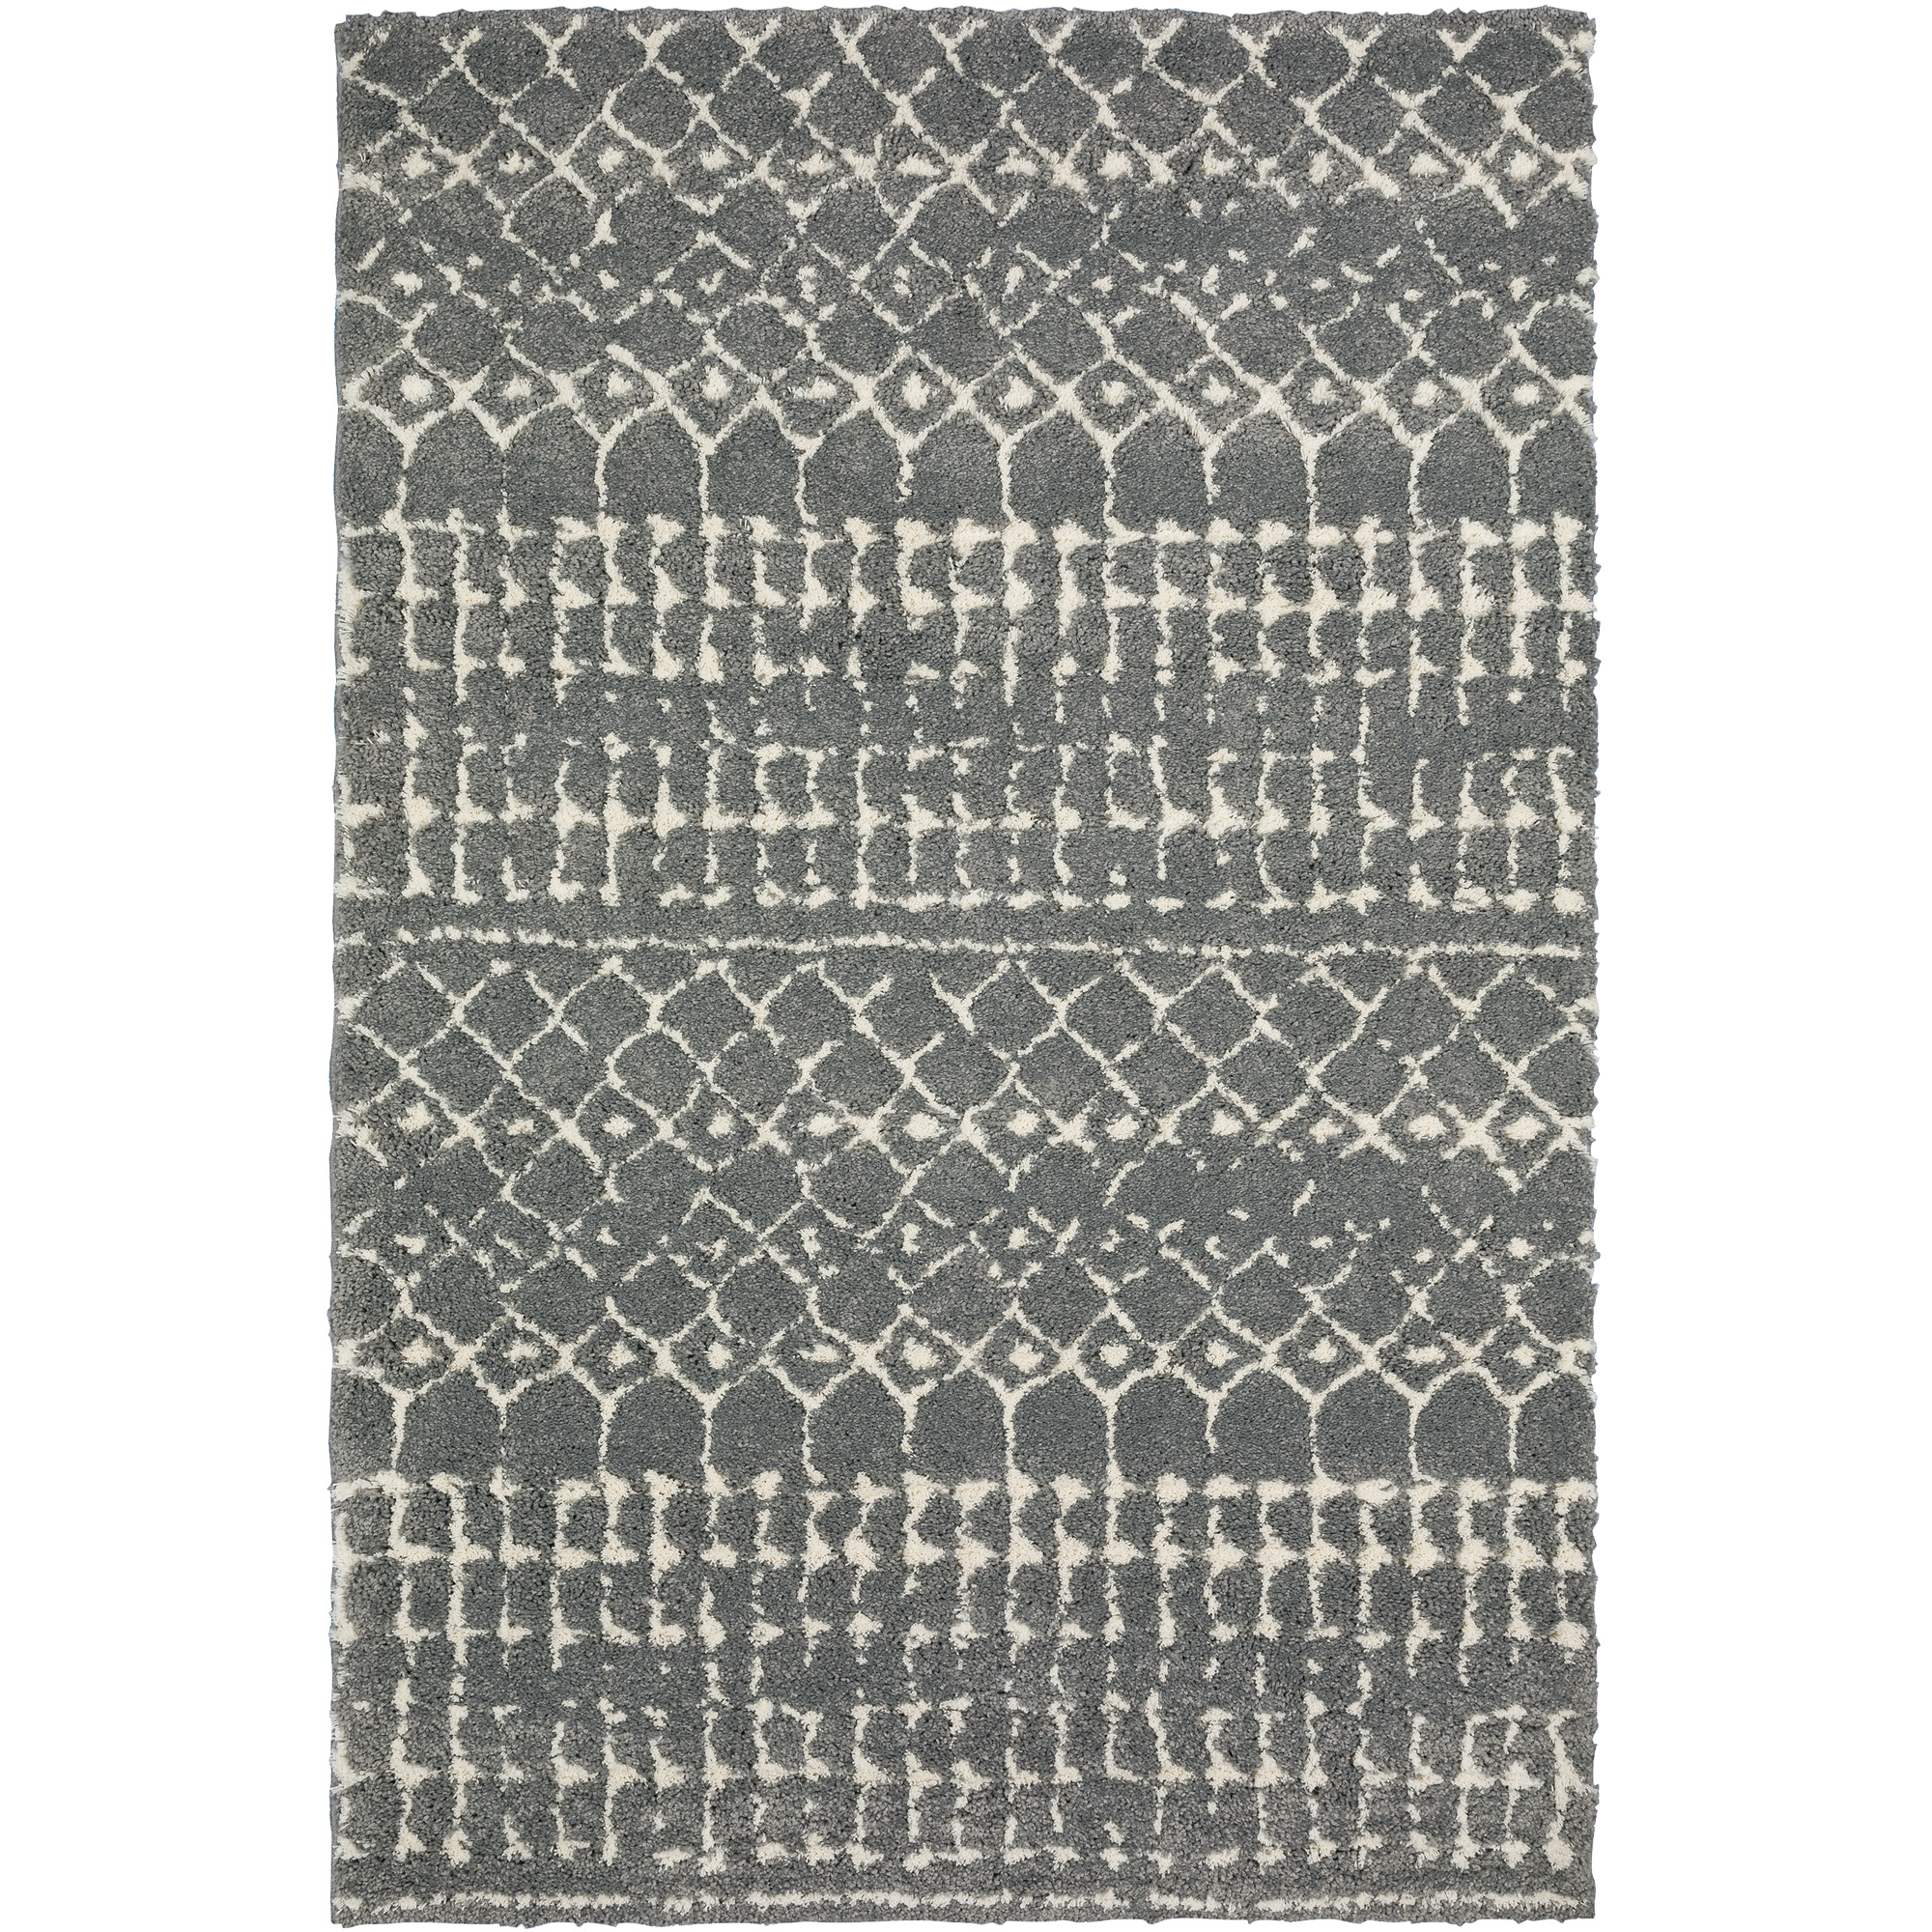 Dalyn Rug Company | Marquee Metal 5x8 Area Rug